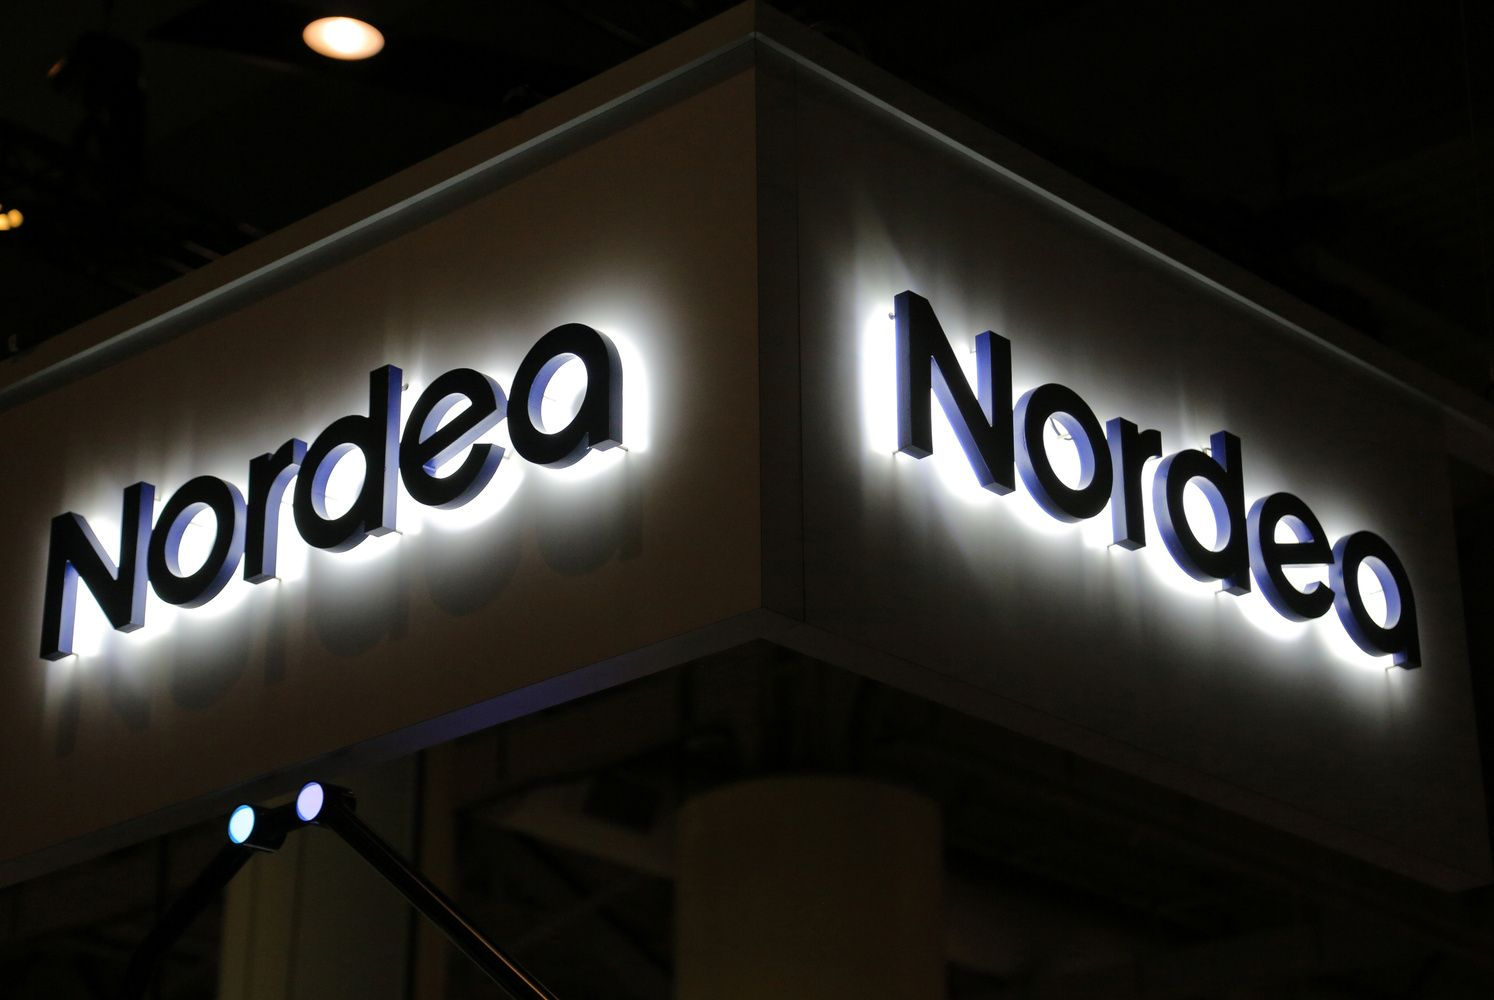 Didžiausias Šiaurės šalių skolintojas spusteli NT paskolų stabdžius